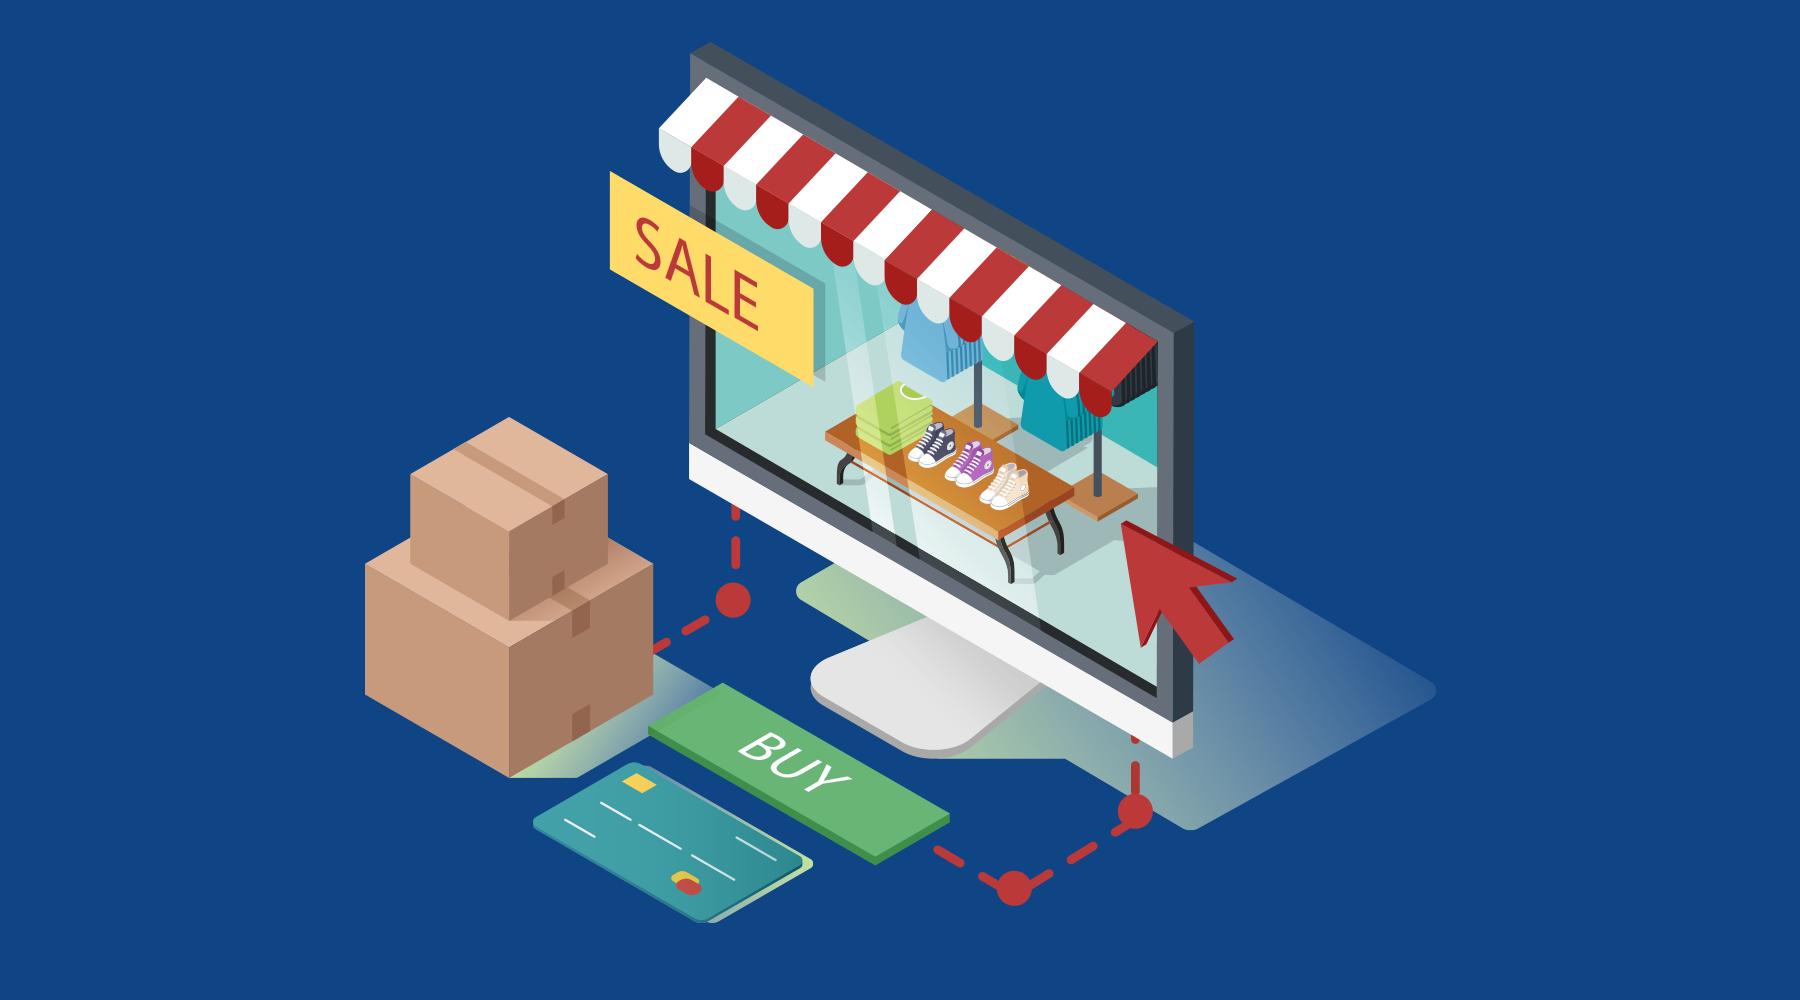 中小型企业可以通过Facebook Shops获利吗?